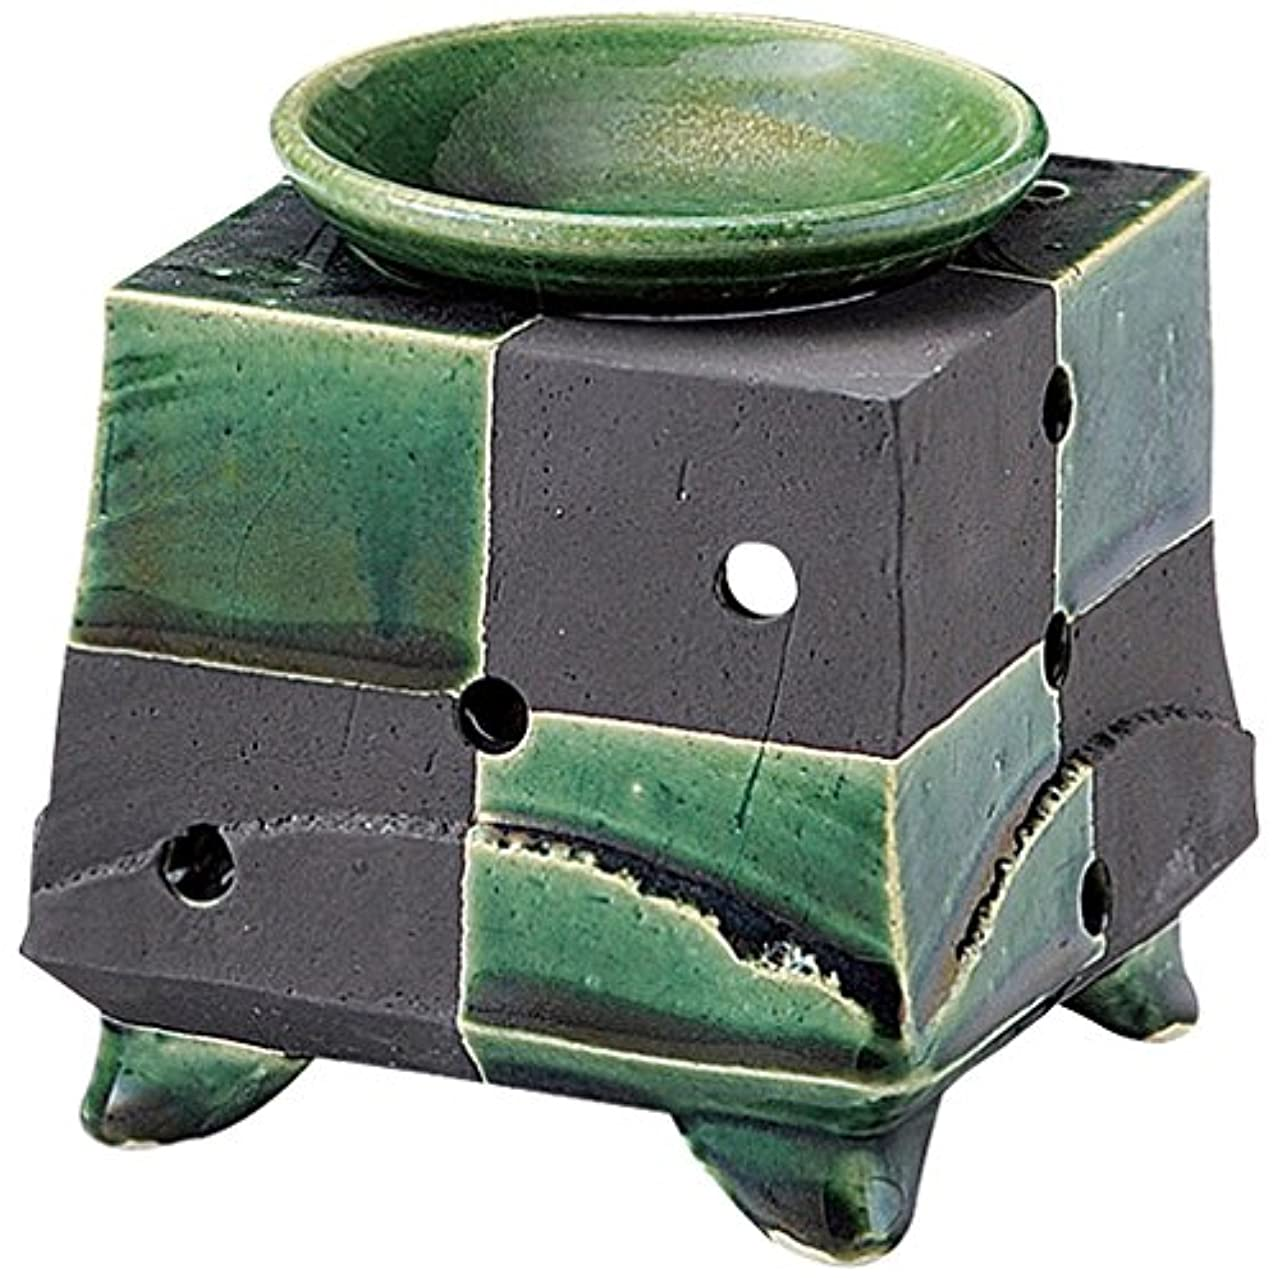 チャンス変色する踏みつけ山下工芸 常滑焼 佳窯織部黒市松茶香炉 11.5×11.5×11.5cm 13045770